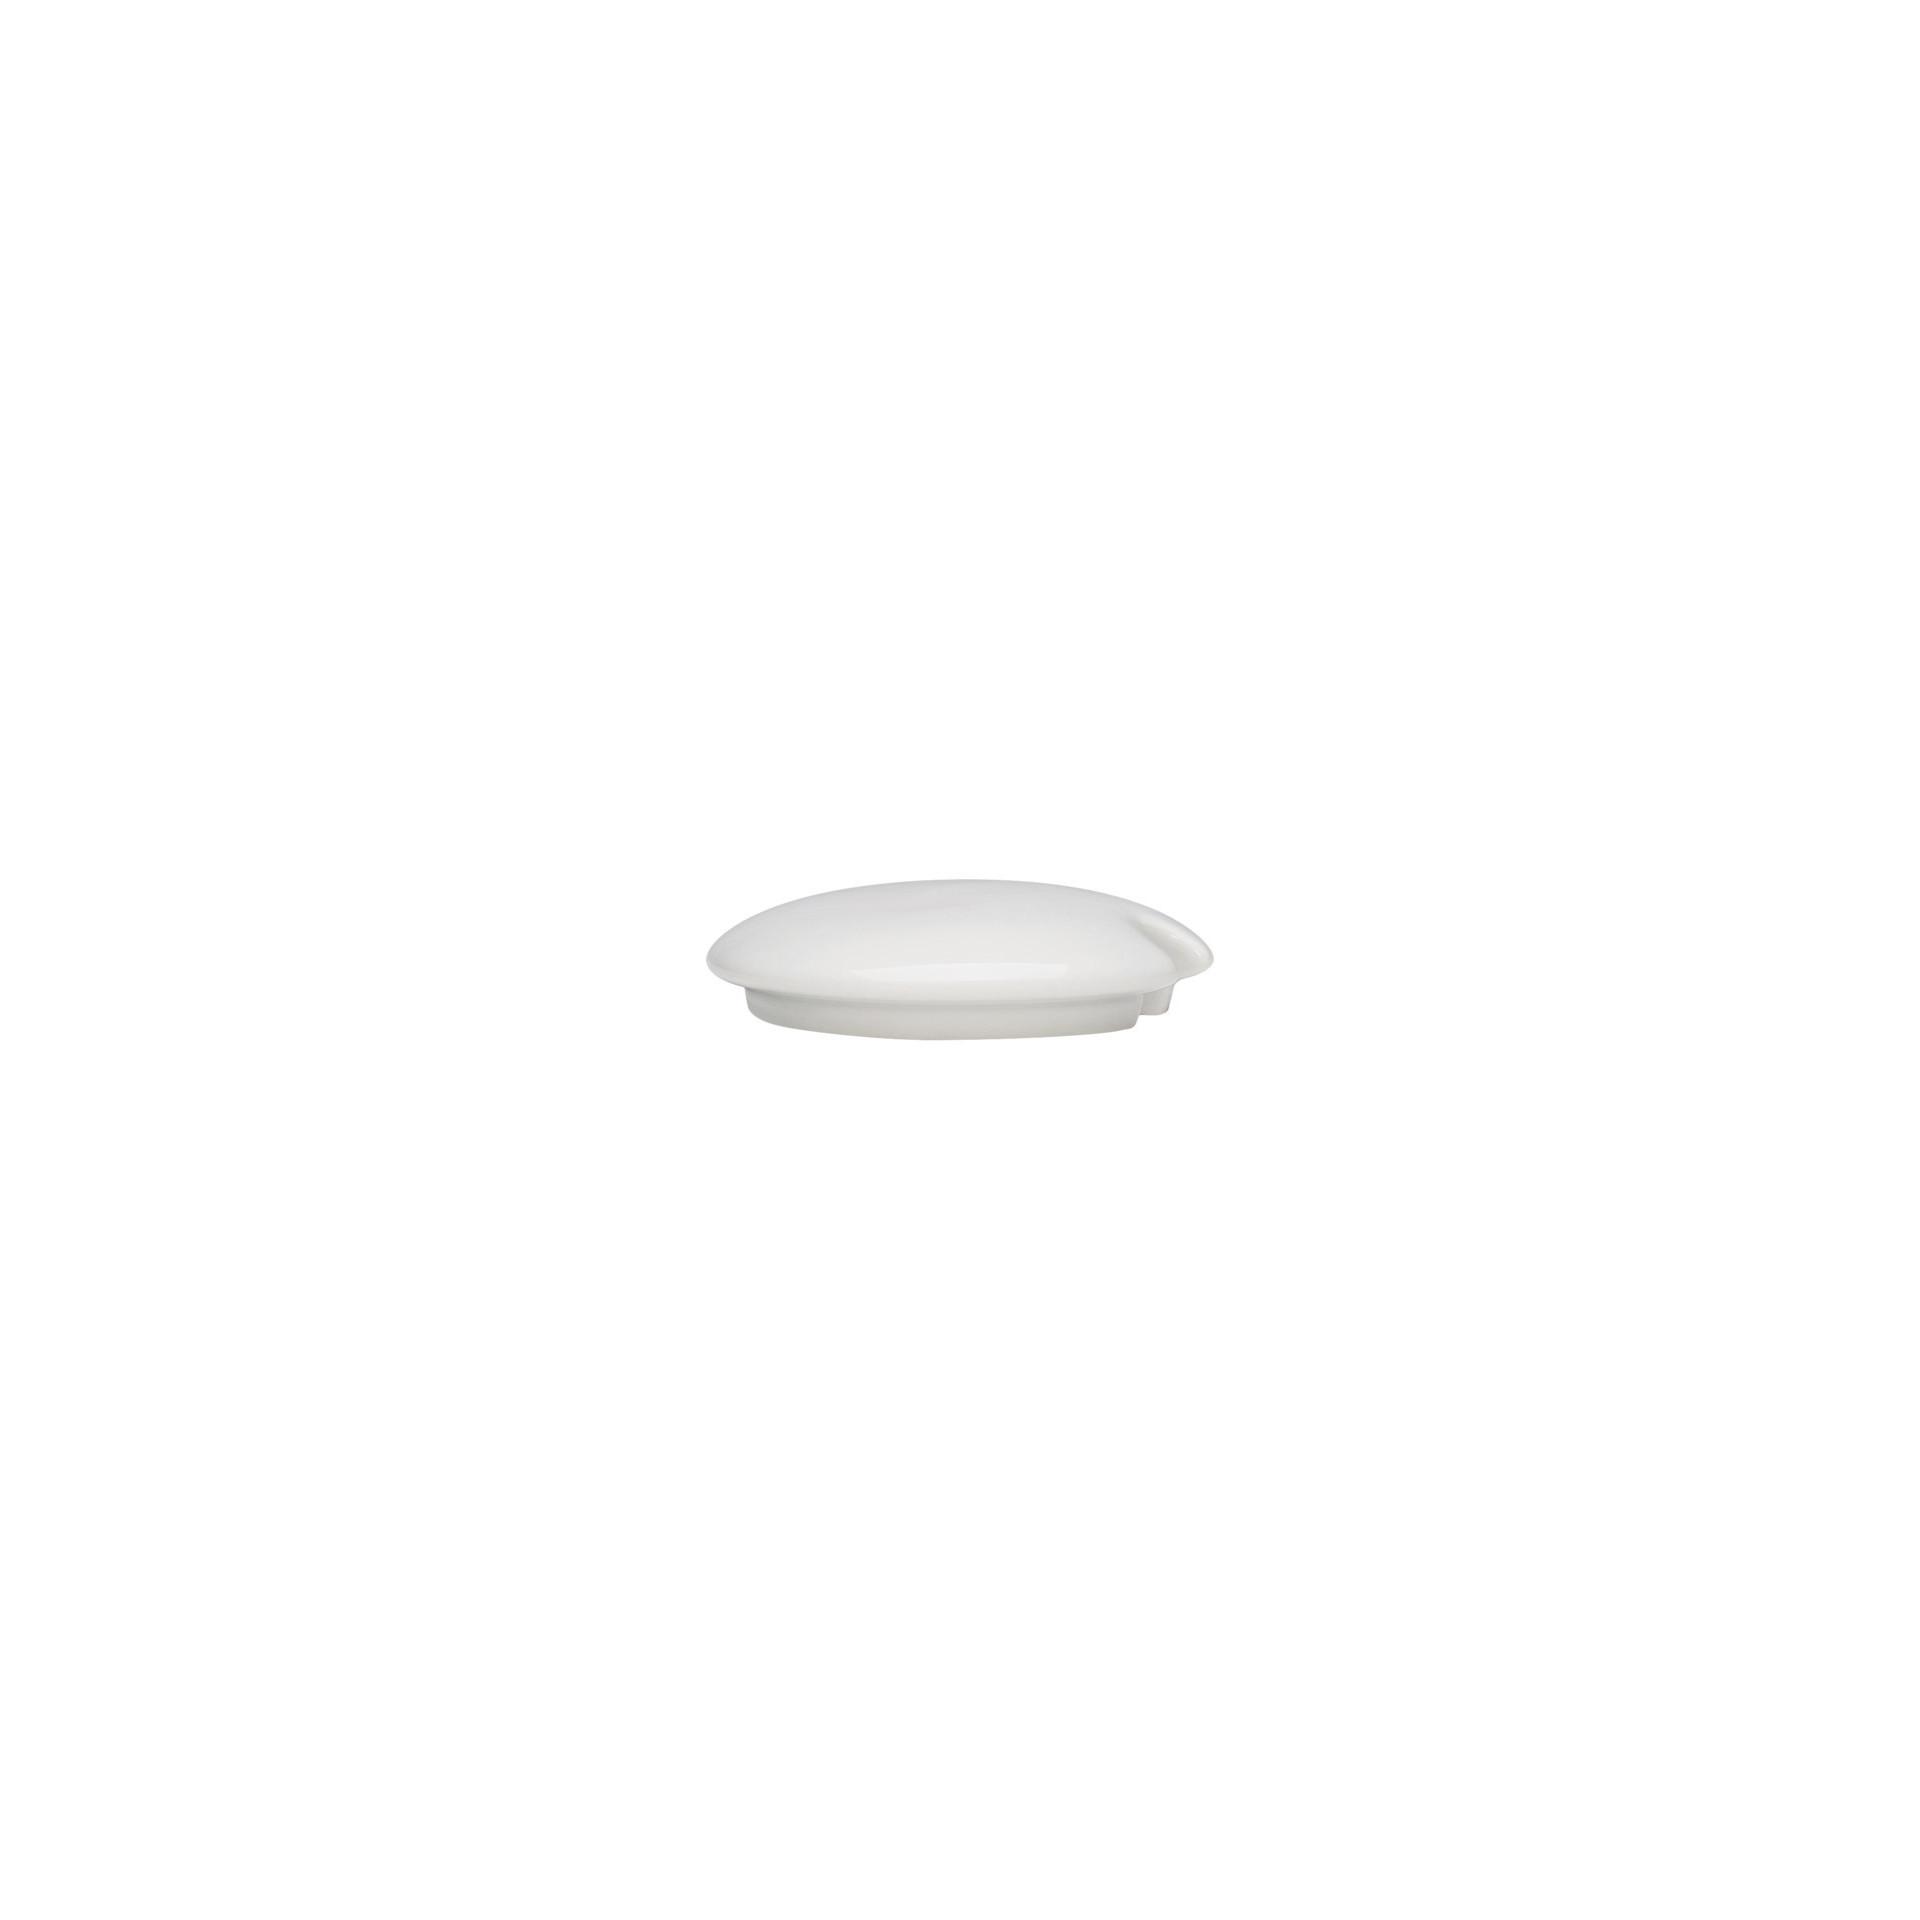 Dimension, Deckel ø 92 mm für 0,22 l Zuckerdose